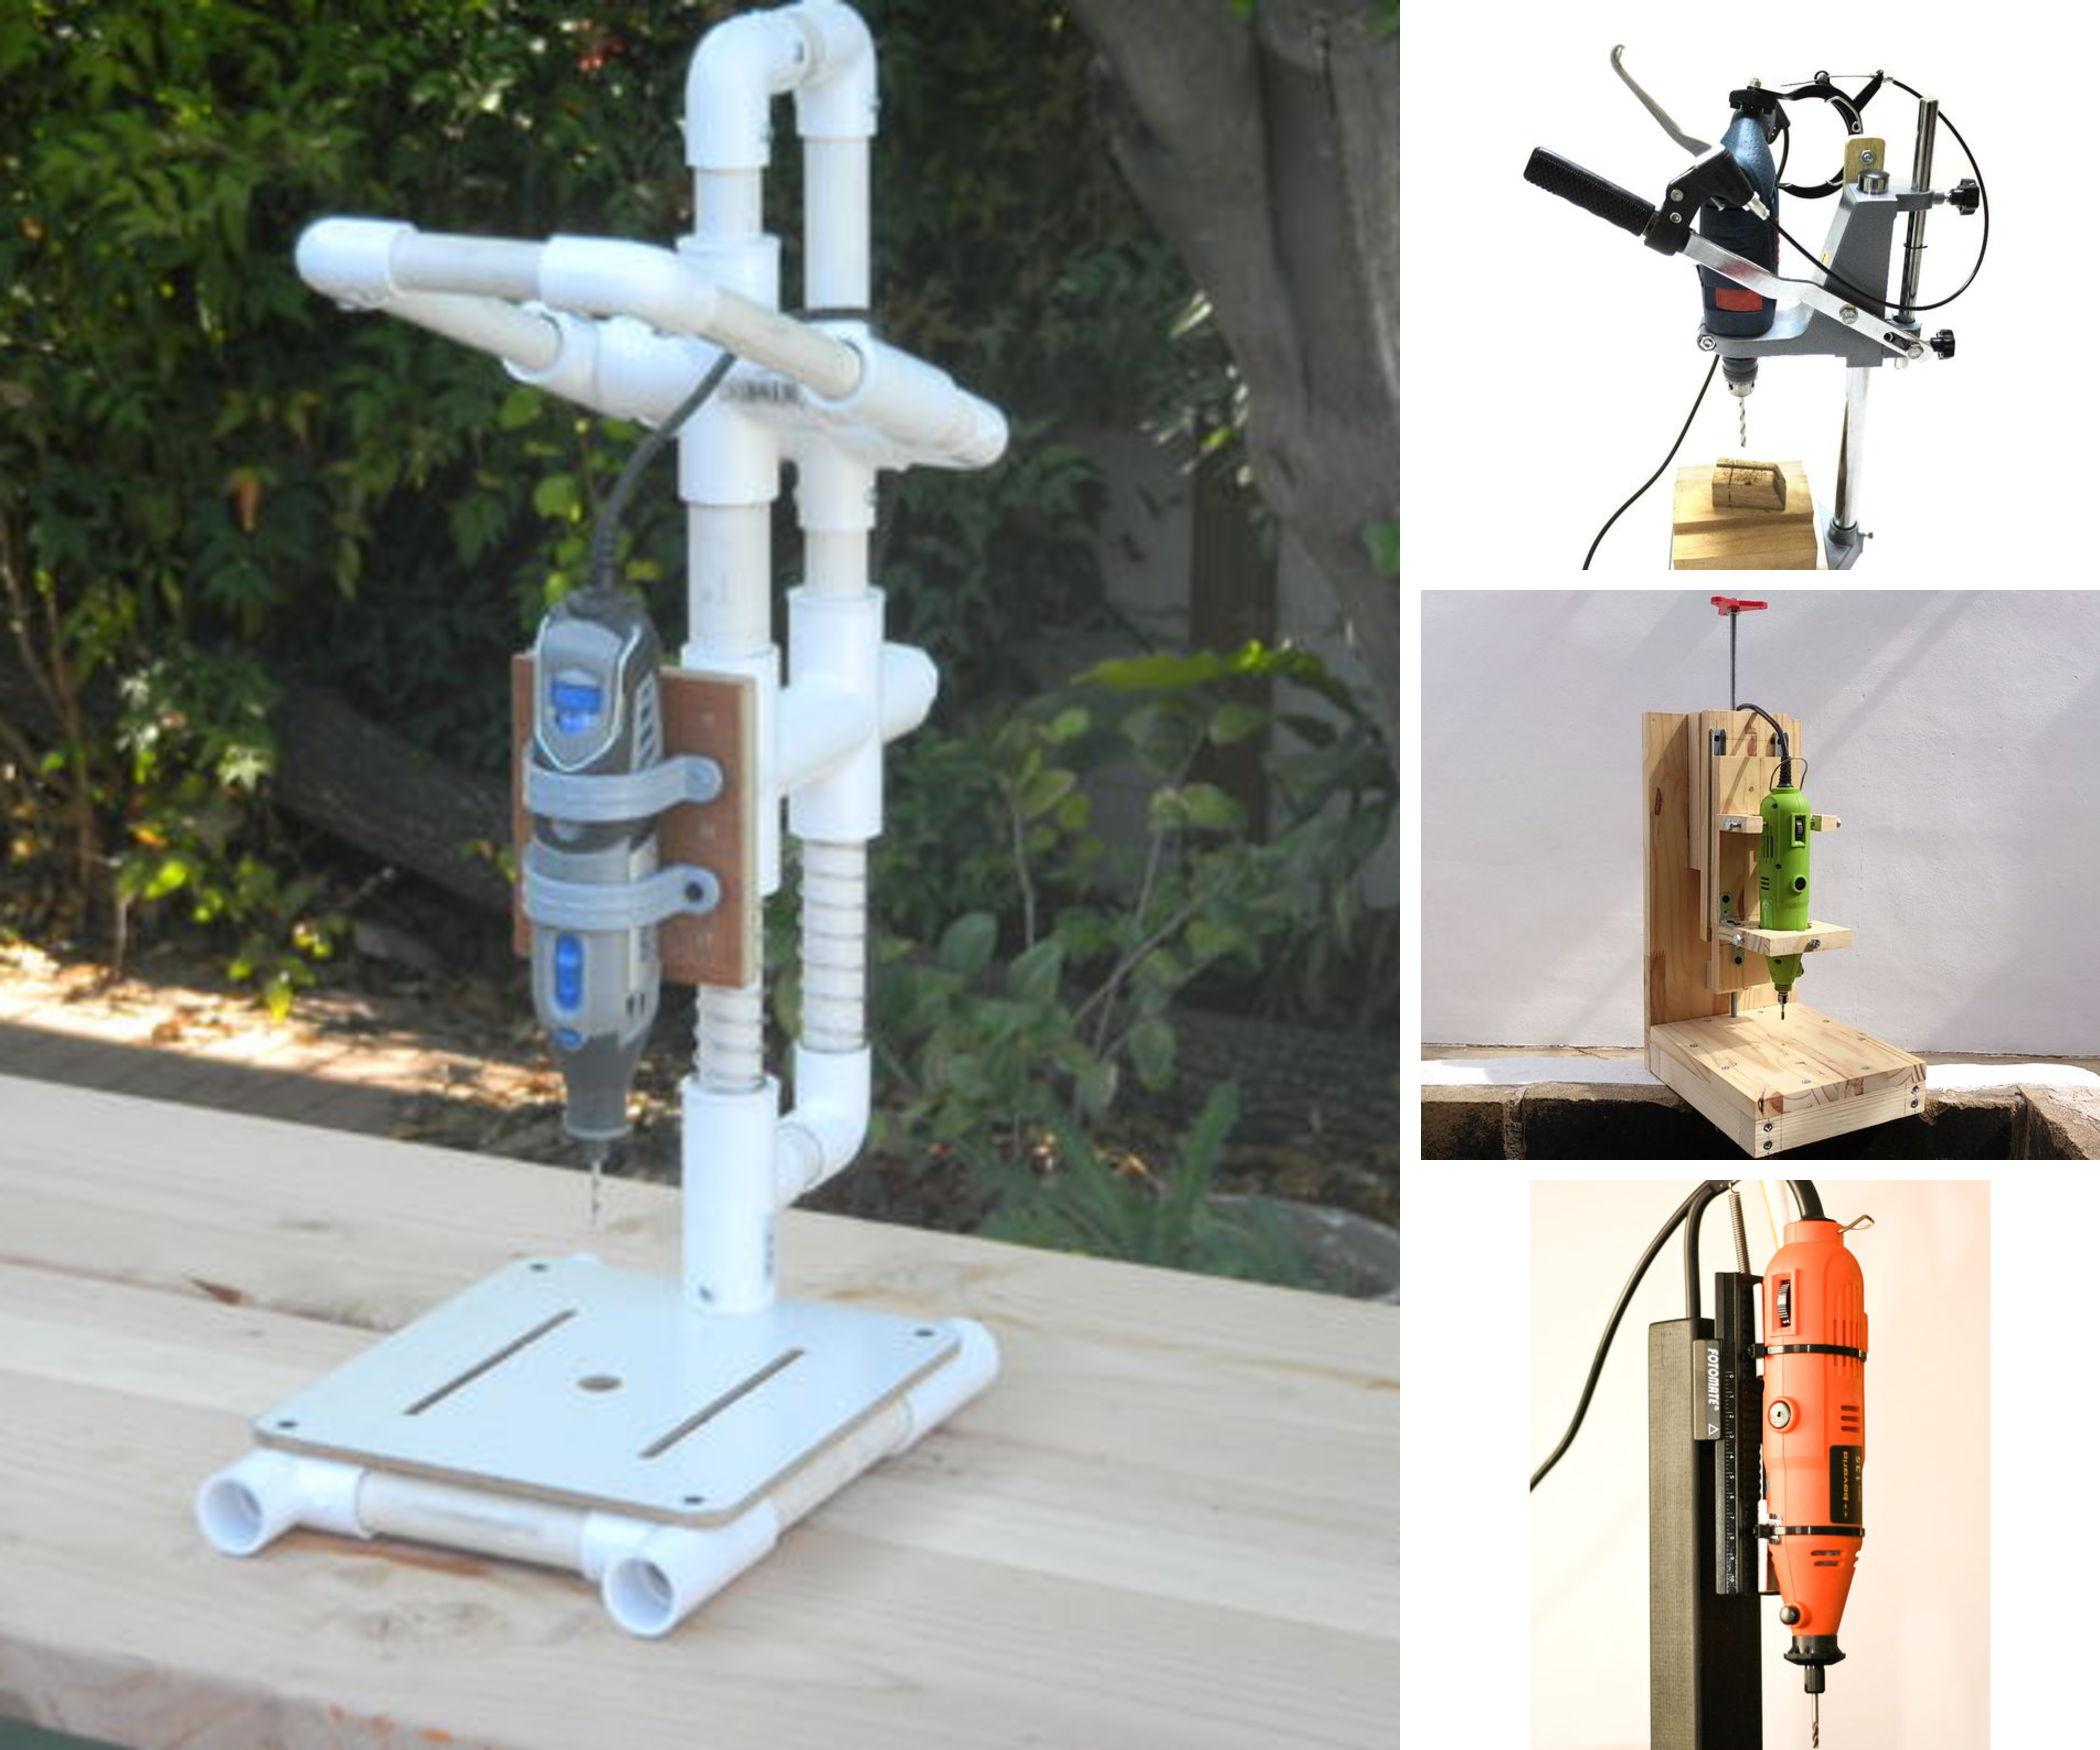 Top 5 DIY Dremel Drill Presses